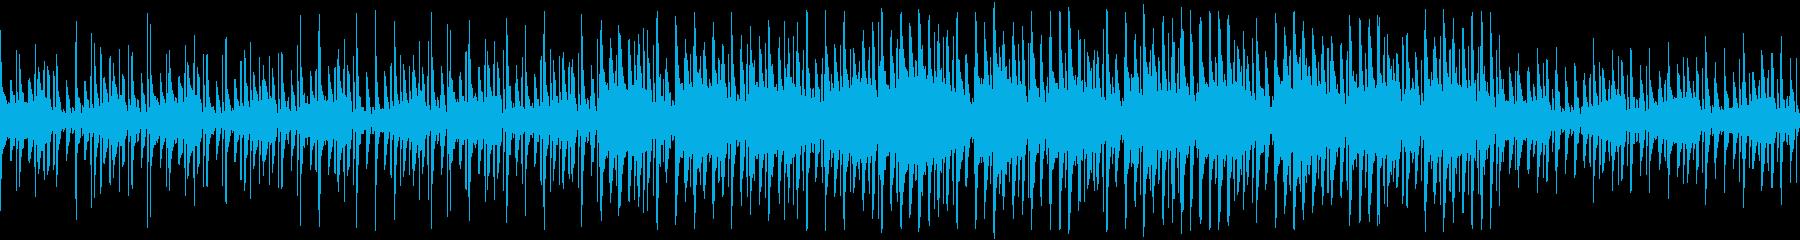 悲しげのある洞窟イメージのチップチューンの再生済みの波形